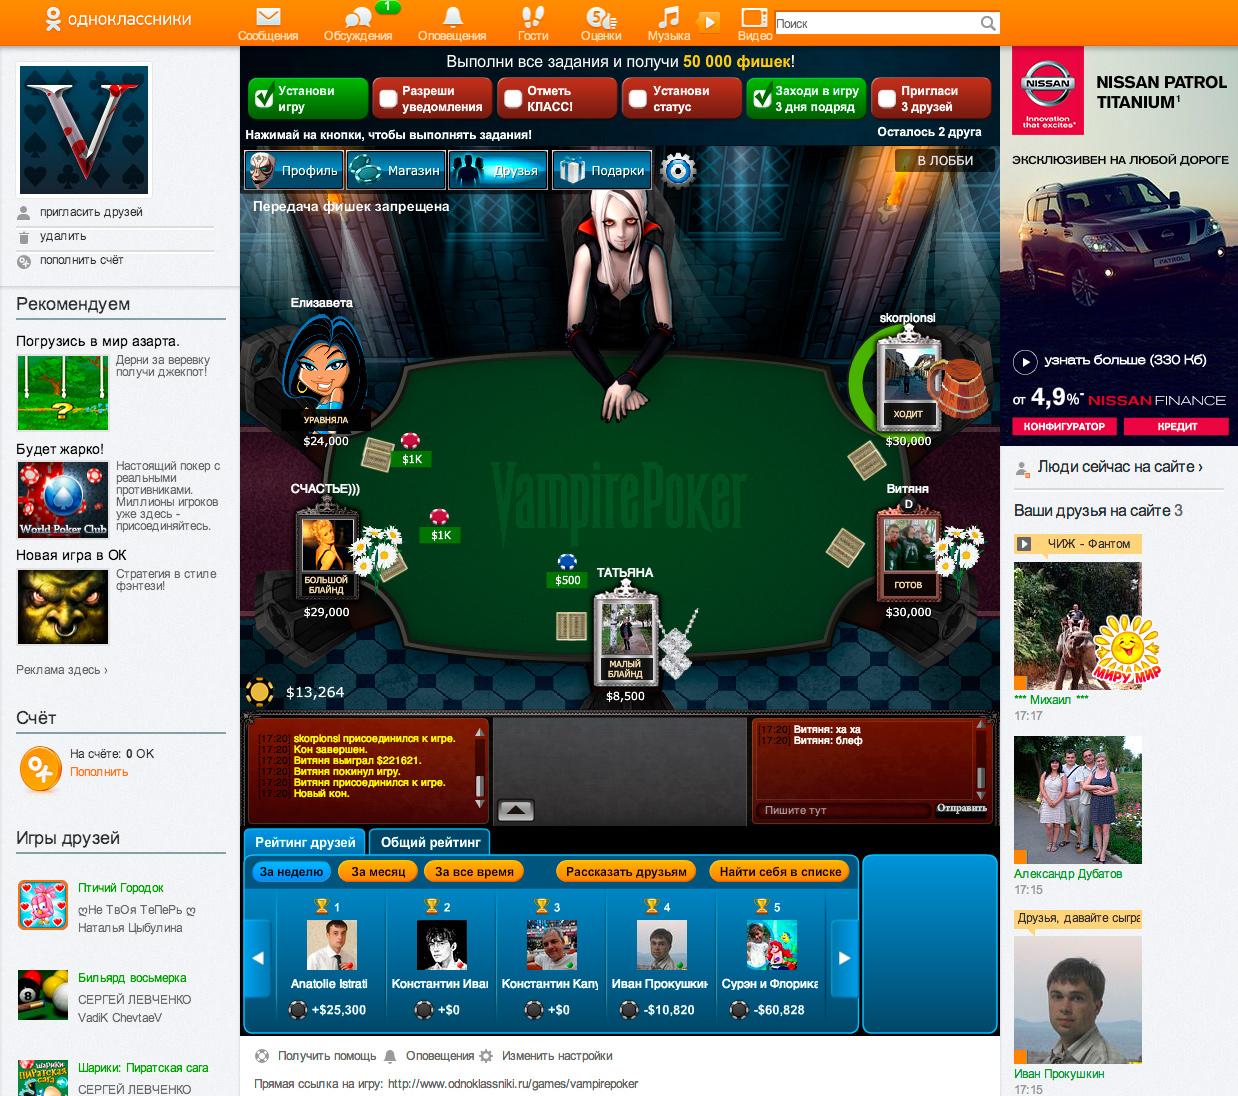 Покер для социальных сетей